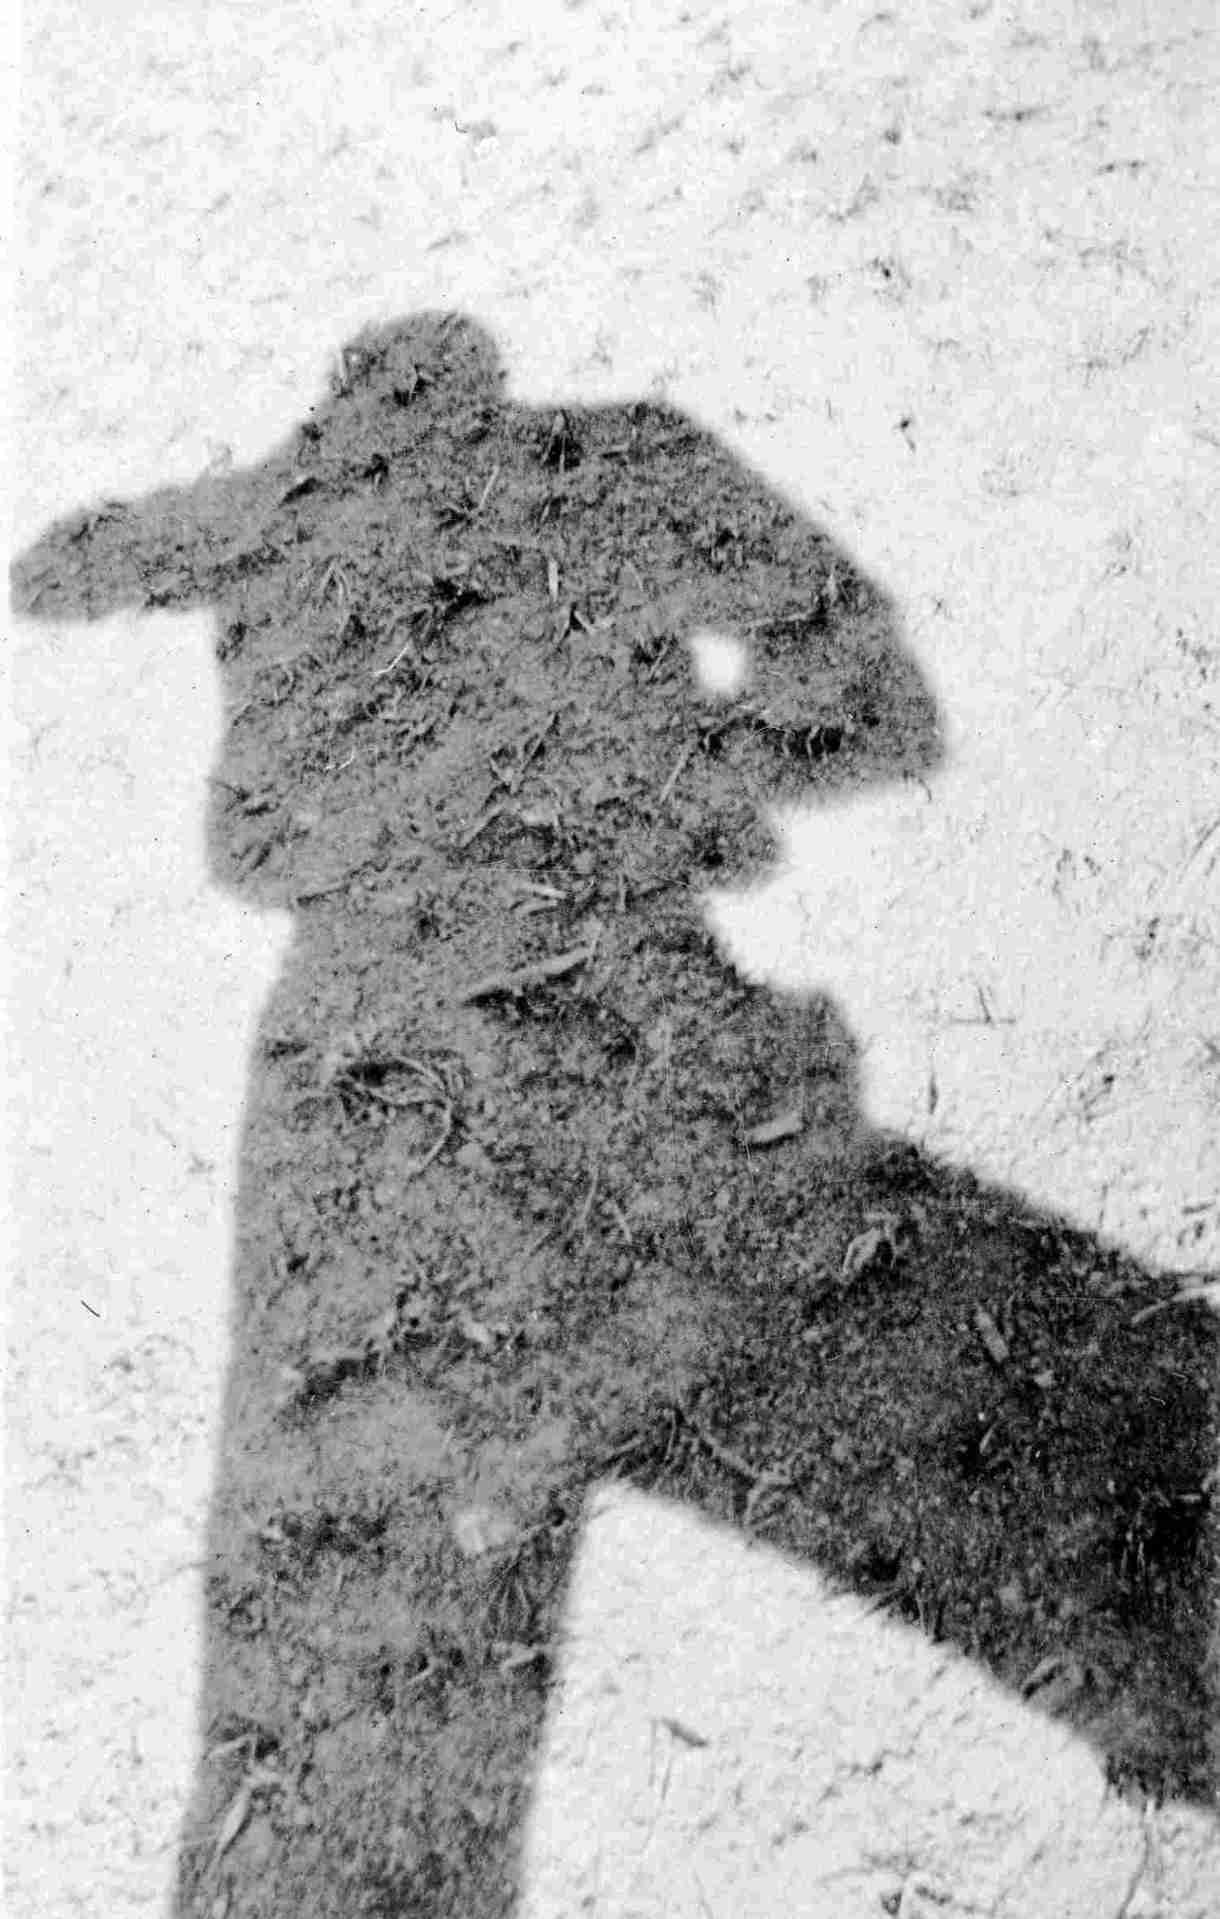 o Autorretrato de Mário de Andrade e sua conexão com o filme Fotografação. Veja no Vivente Andante,